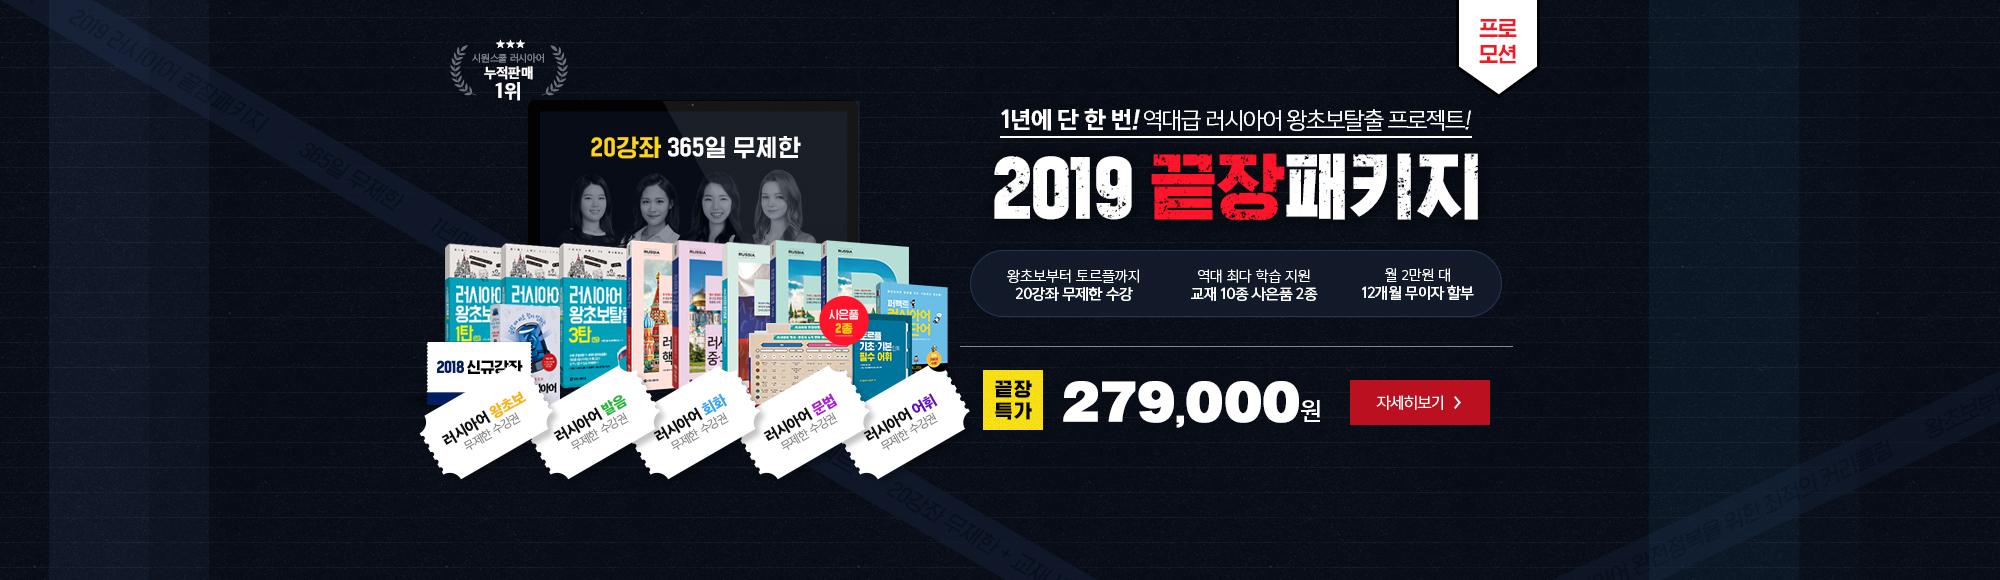 [기간한정] 2019 끝장패키지